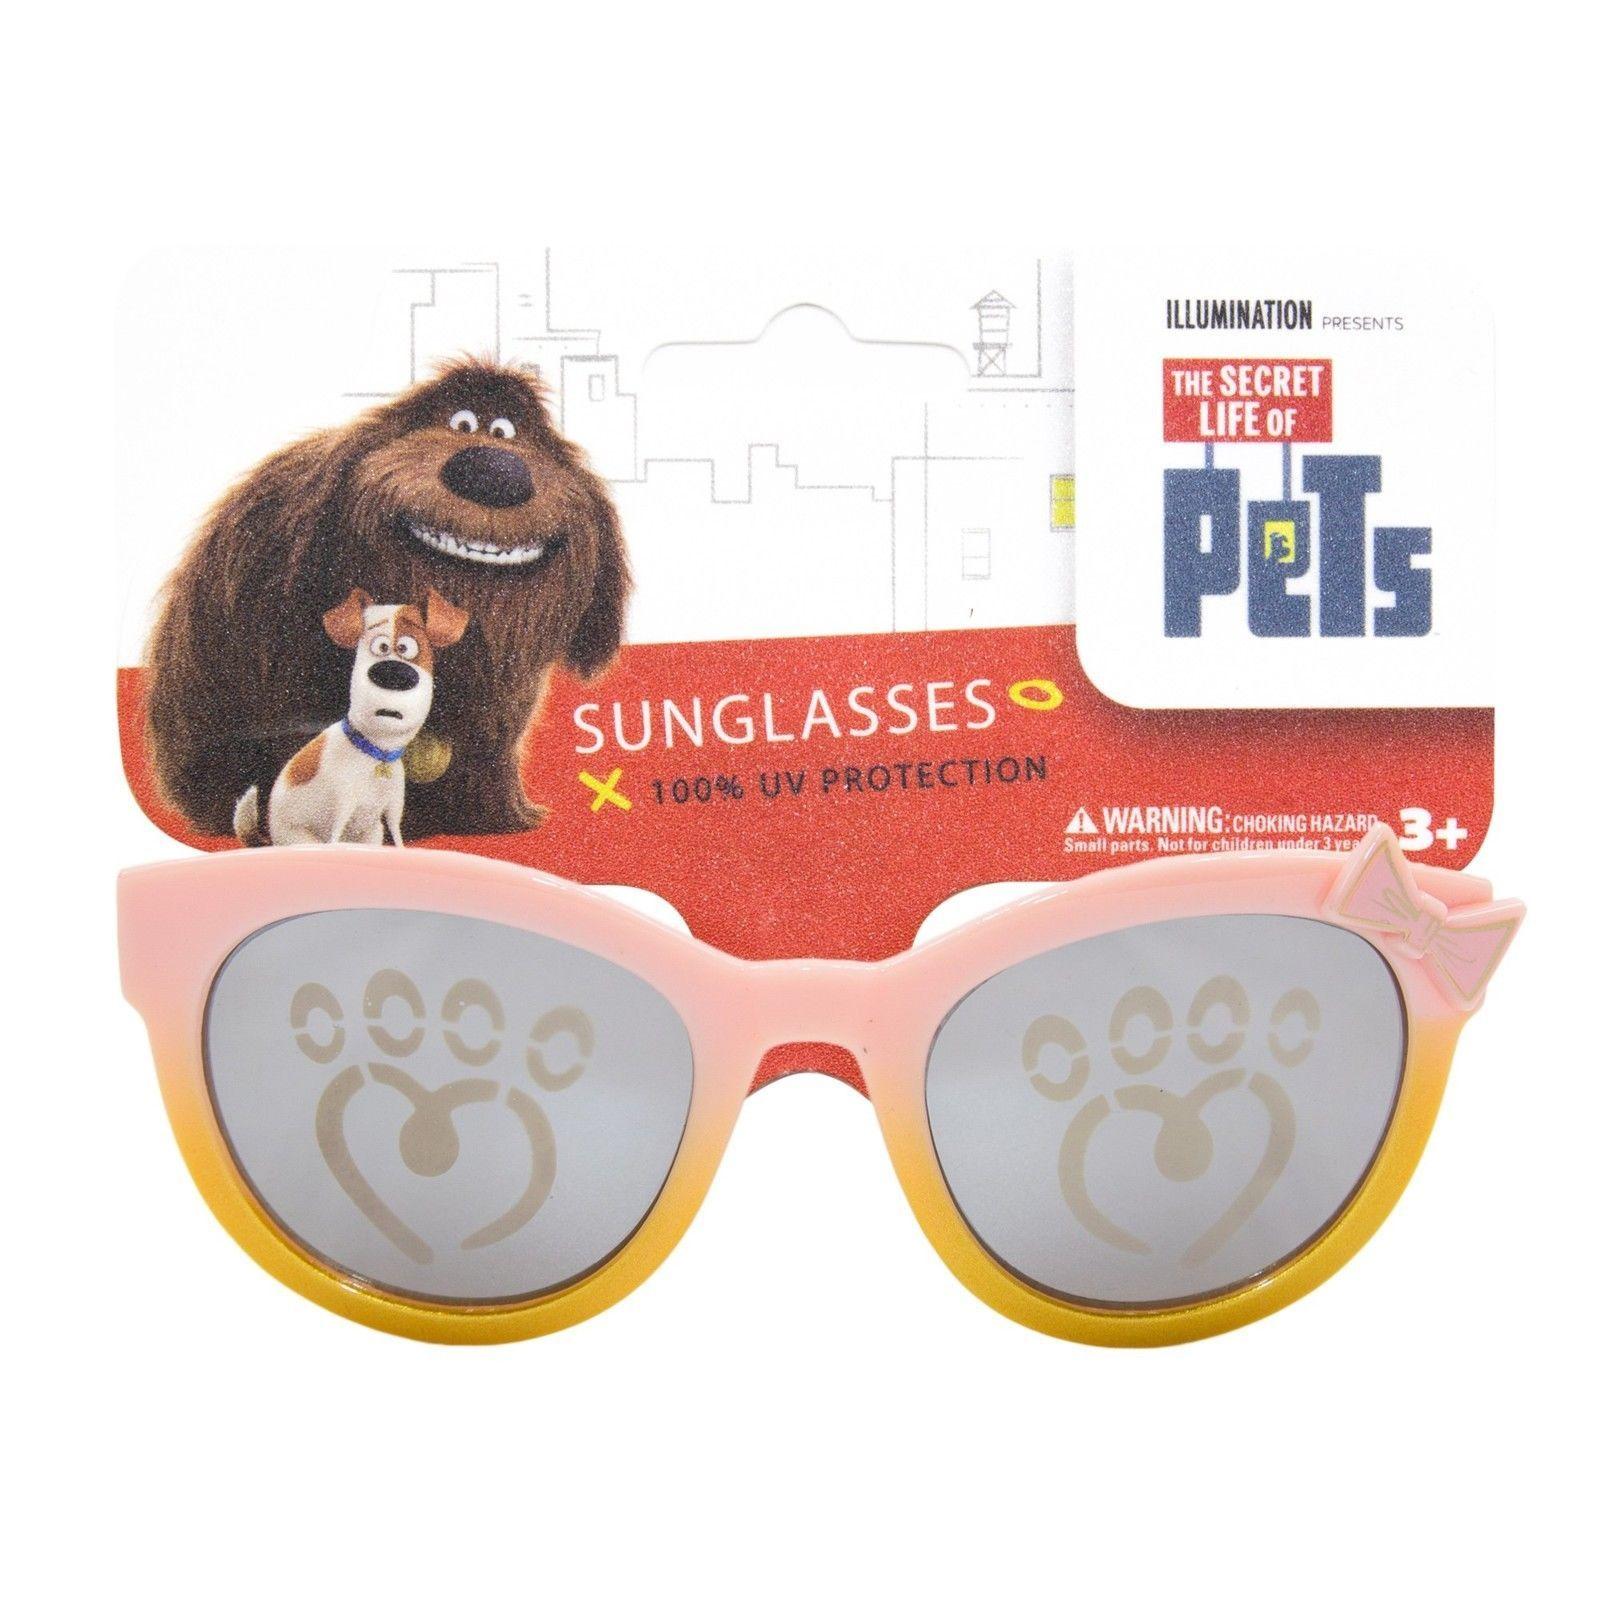 0c48a26e5a2 S l1600. S l1600. Previous. NBC Universal Secret Life of Pets Kids Children  Sunglasses ...